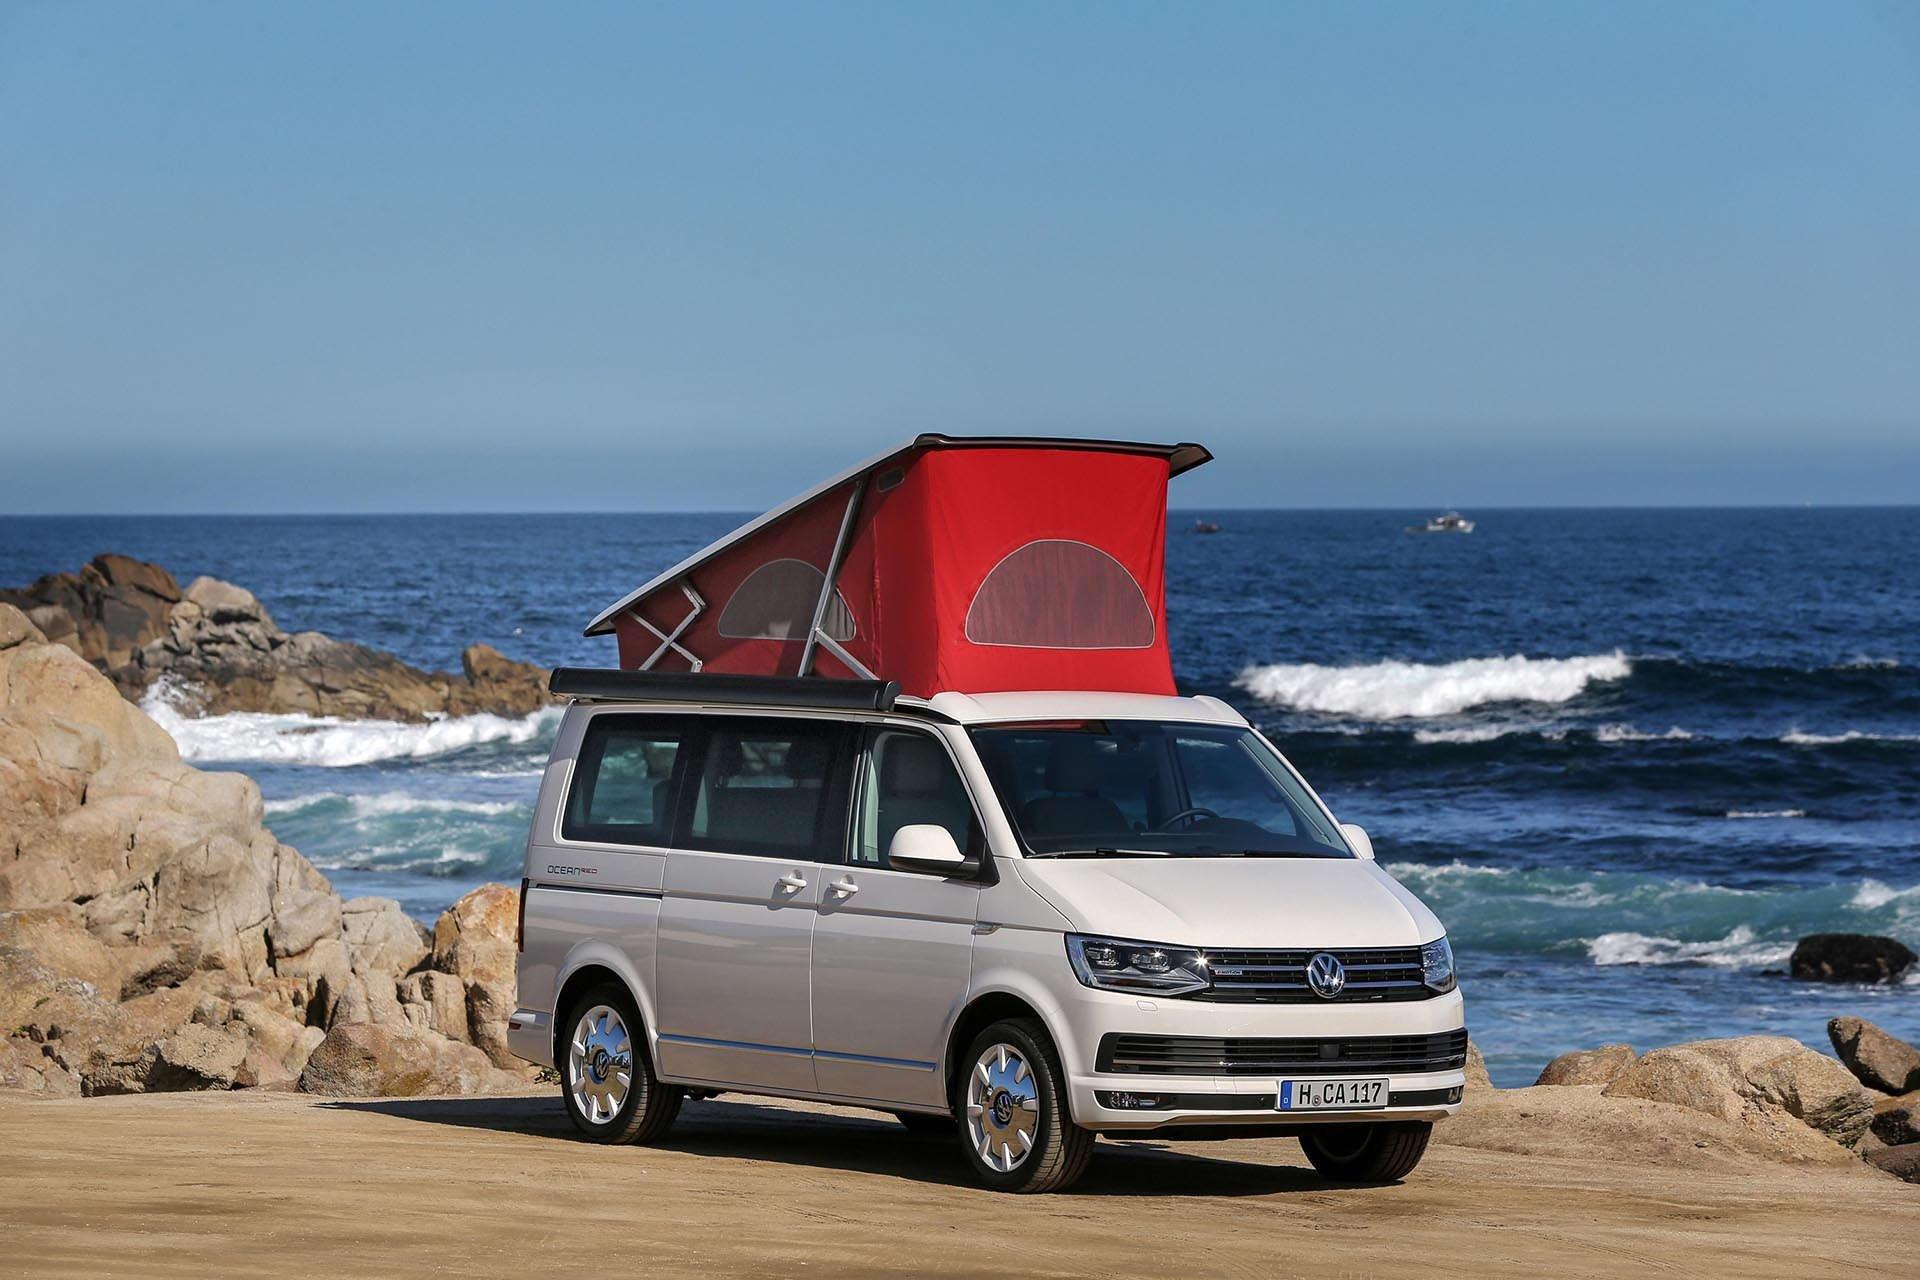 Volkswagen California 6.1 Camper Van top up